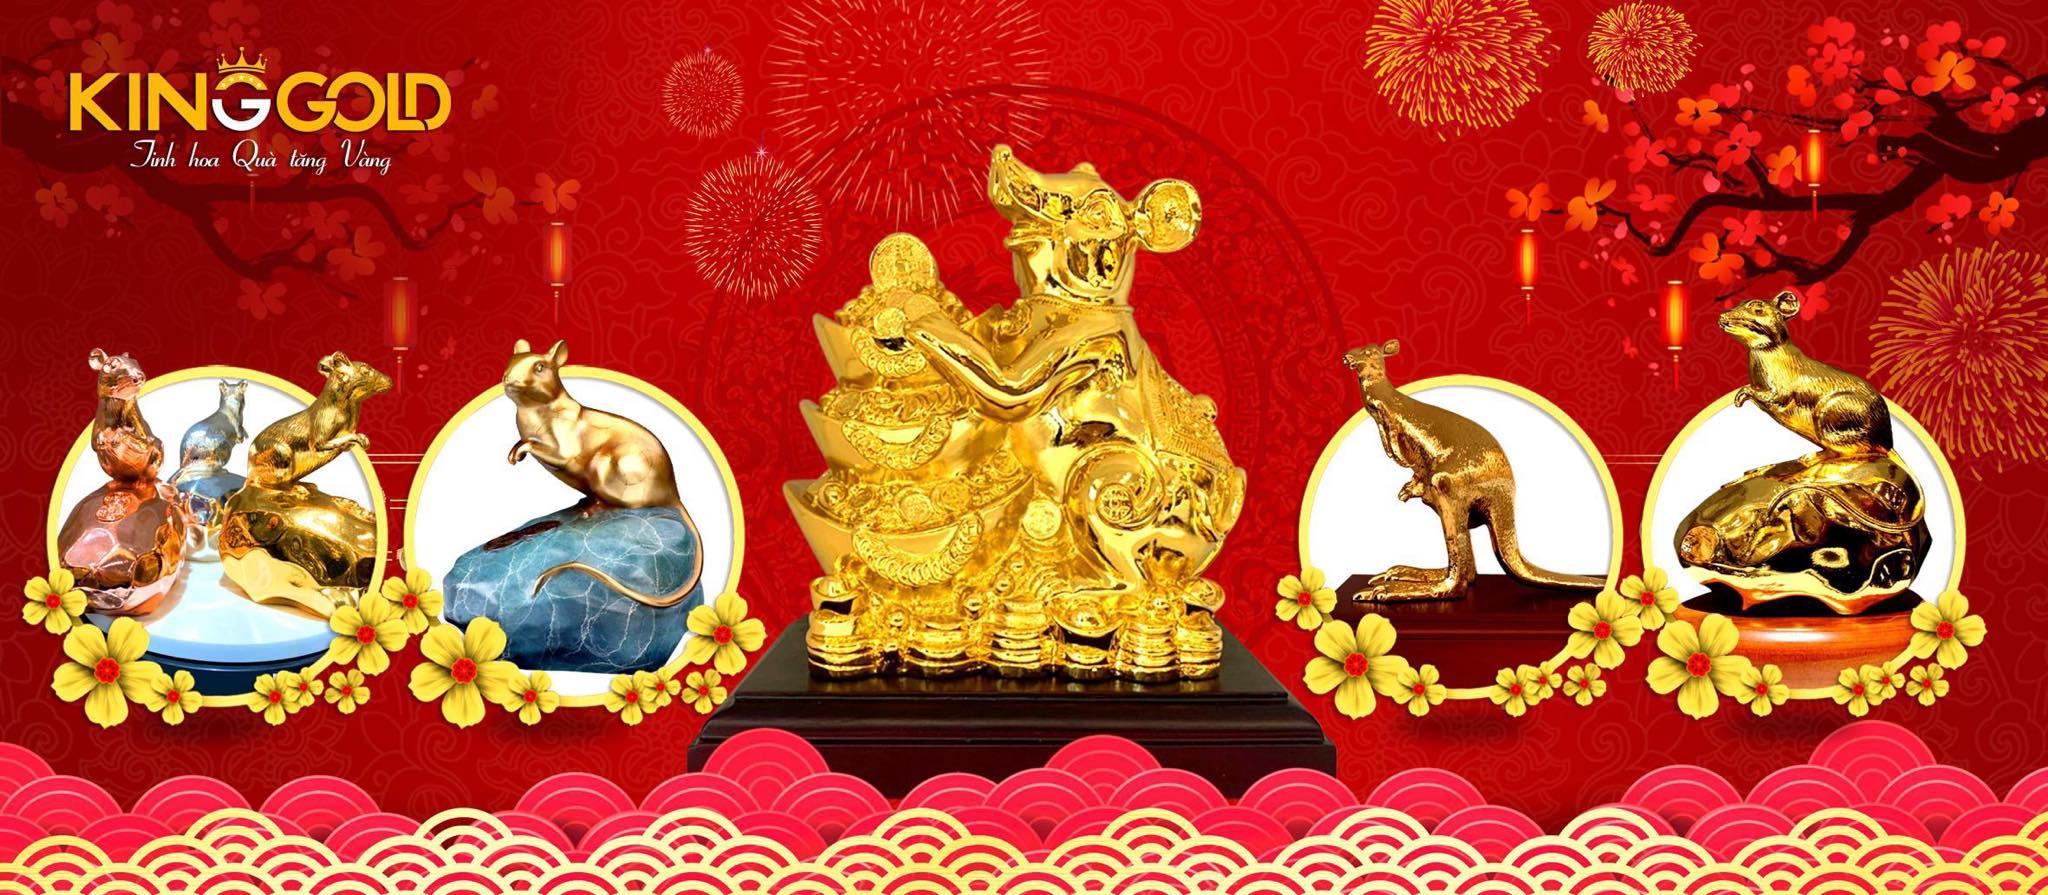 King Gold tung bộ chuột phú quý dát vàng dịp năm mới